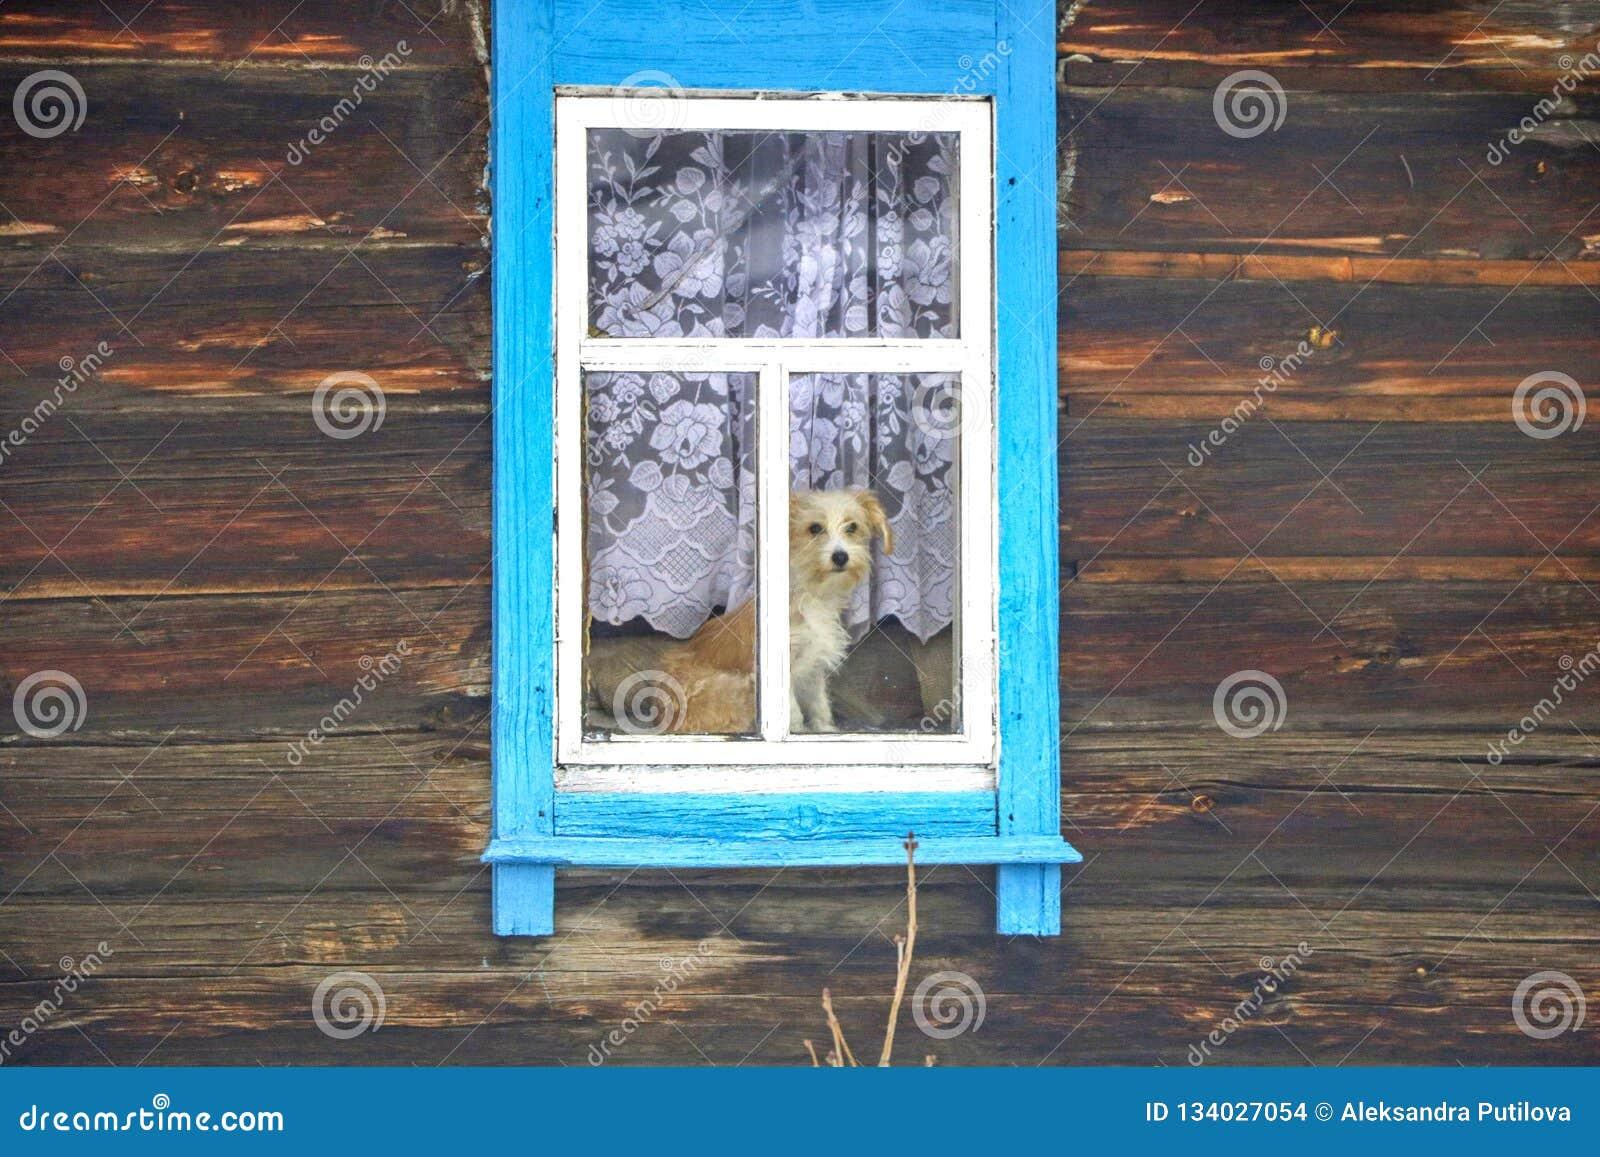 Hond in het venster van een blokhuis